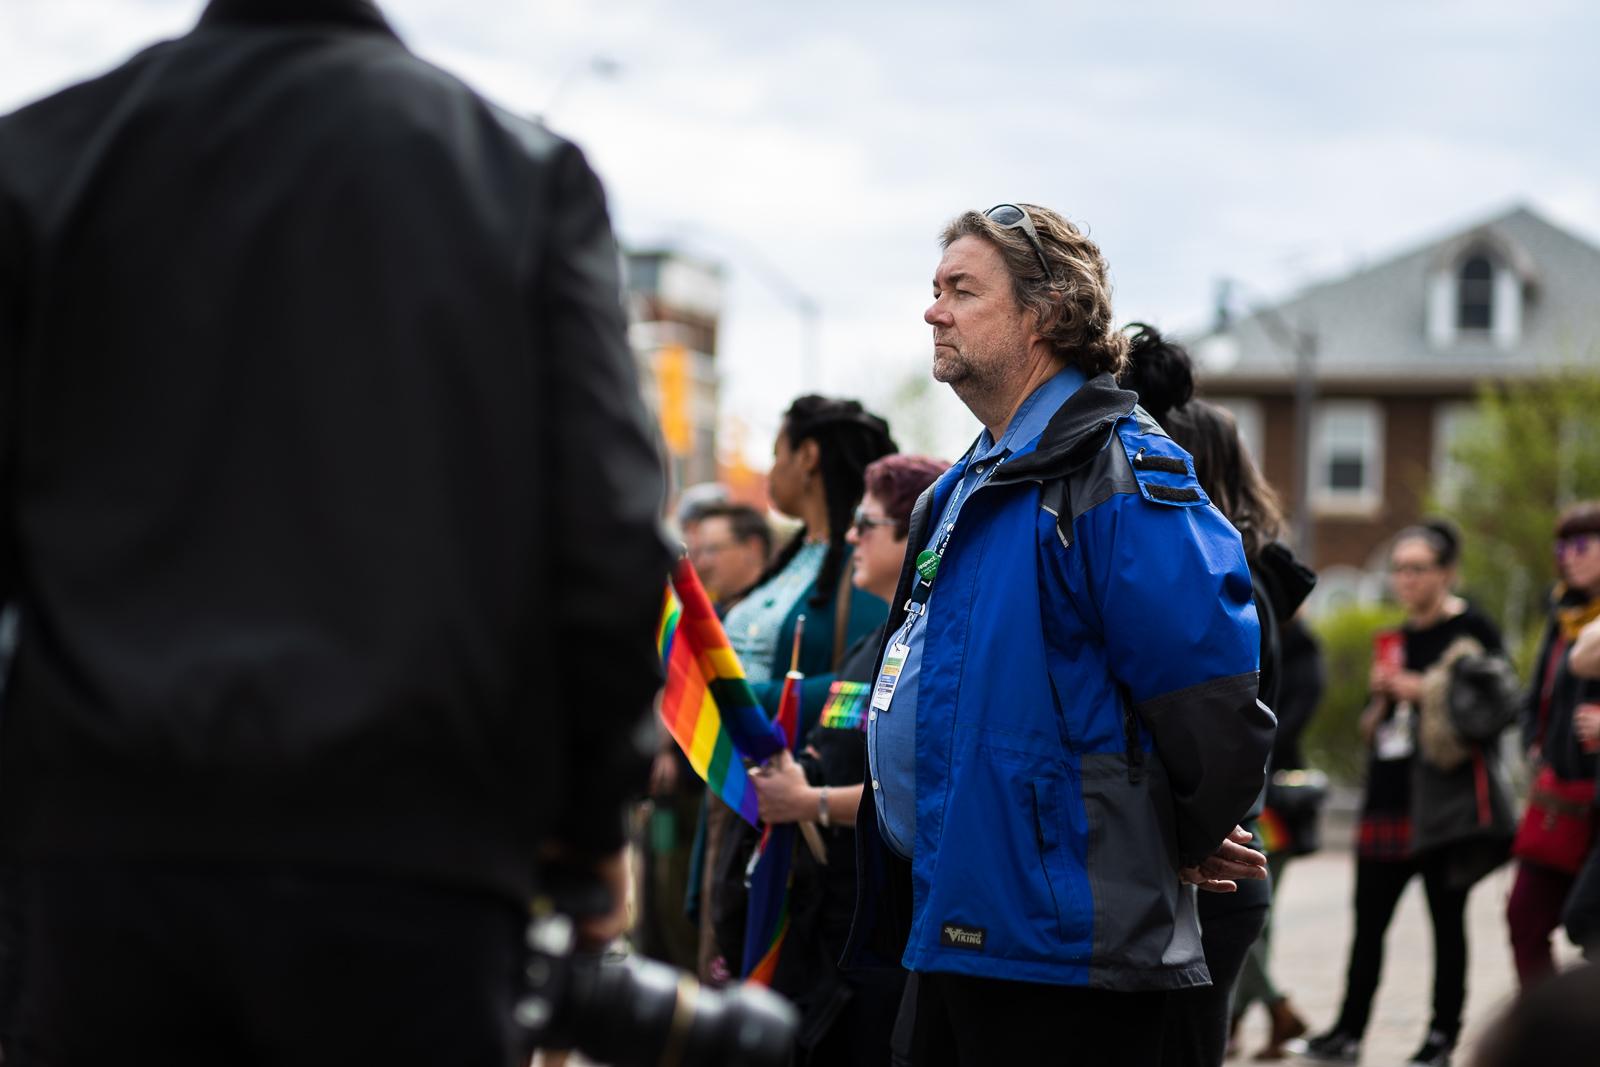 pride-2019-opening-ceremonies-blog-19.jpg